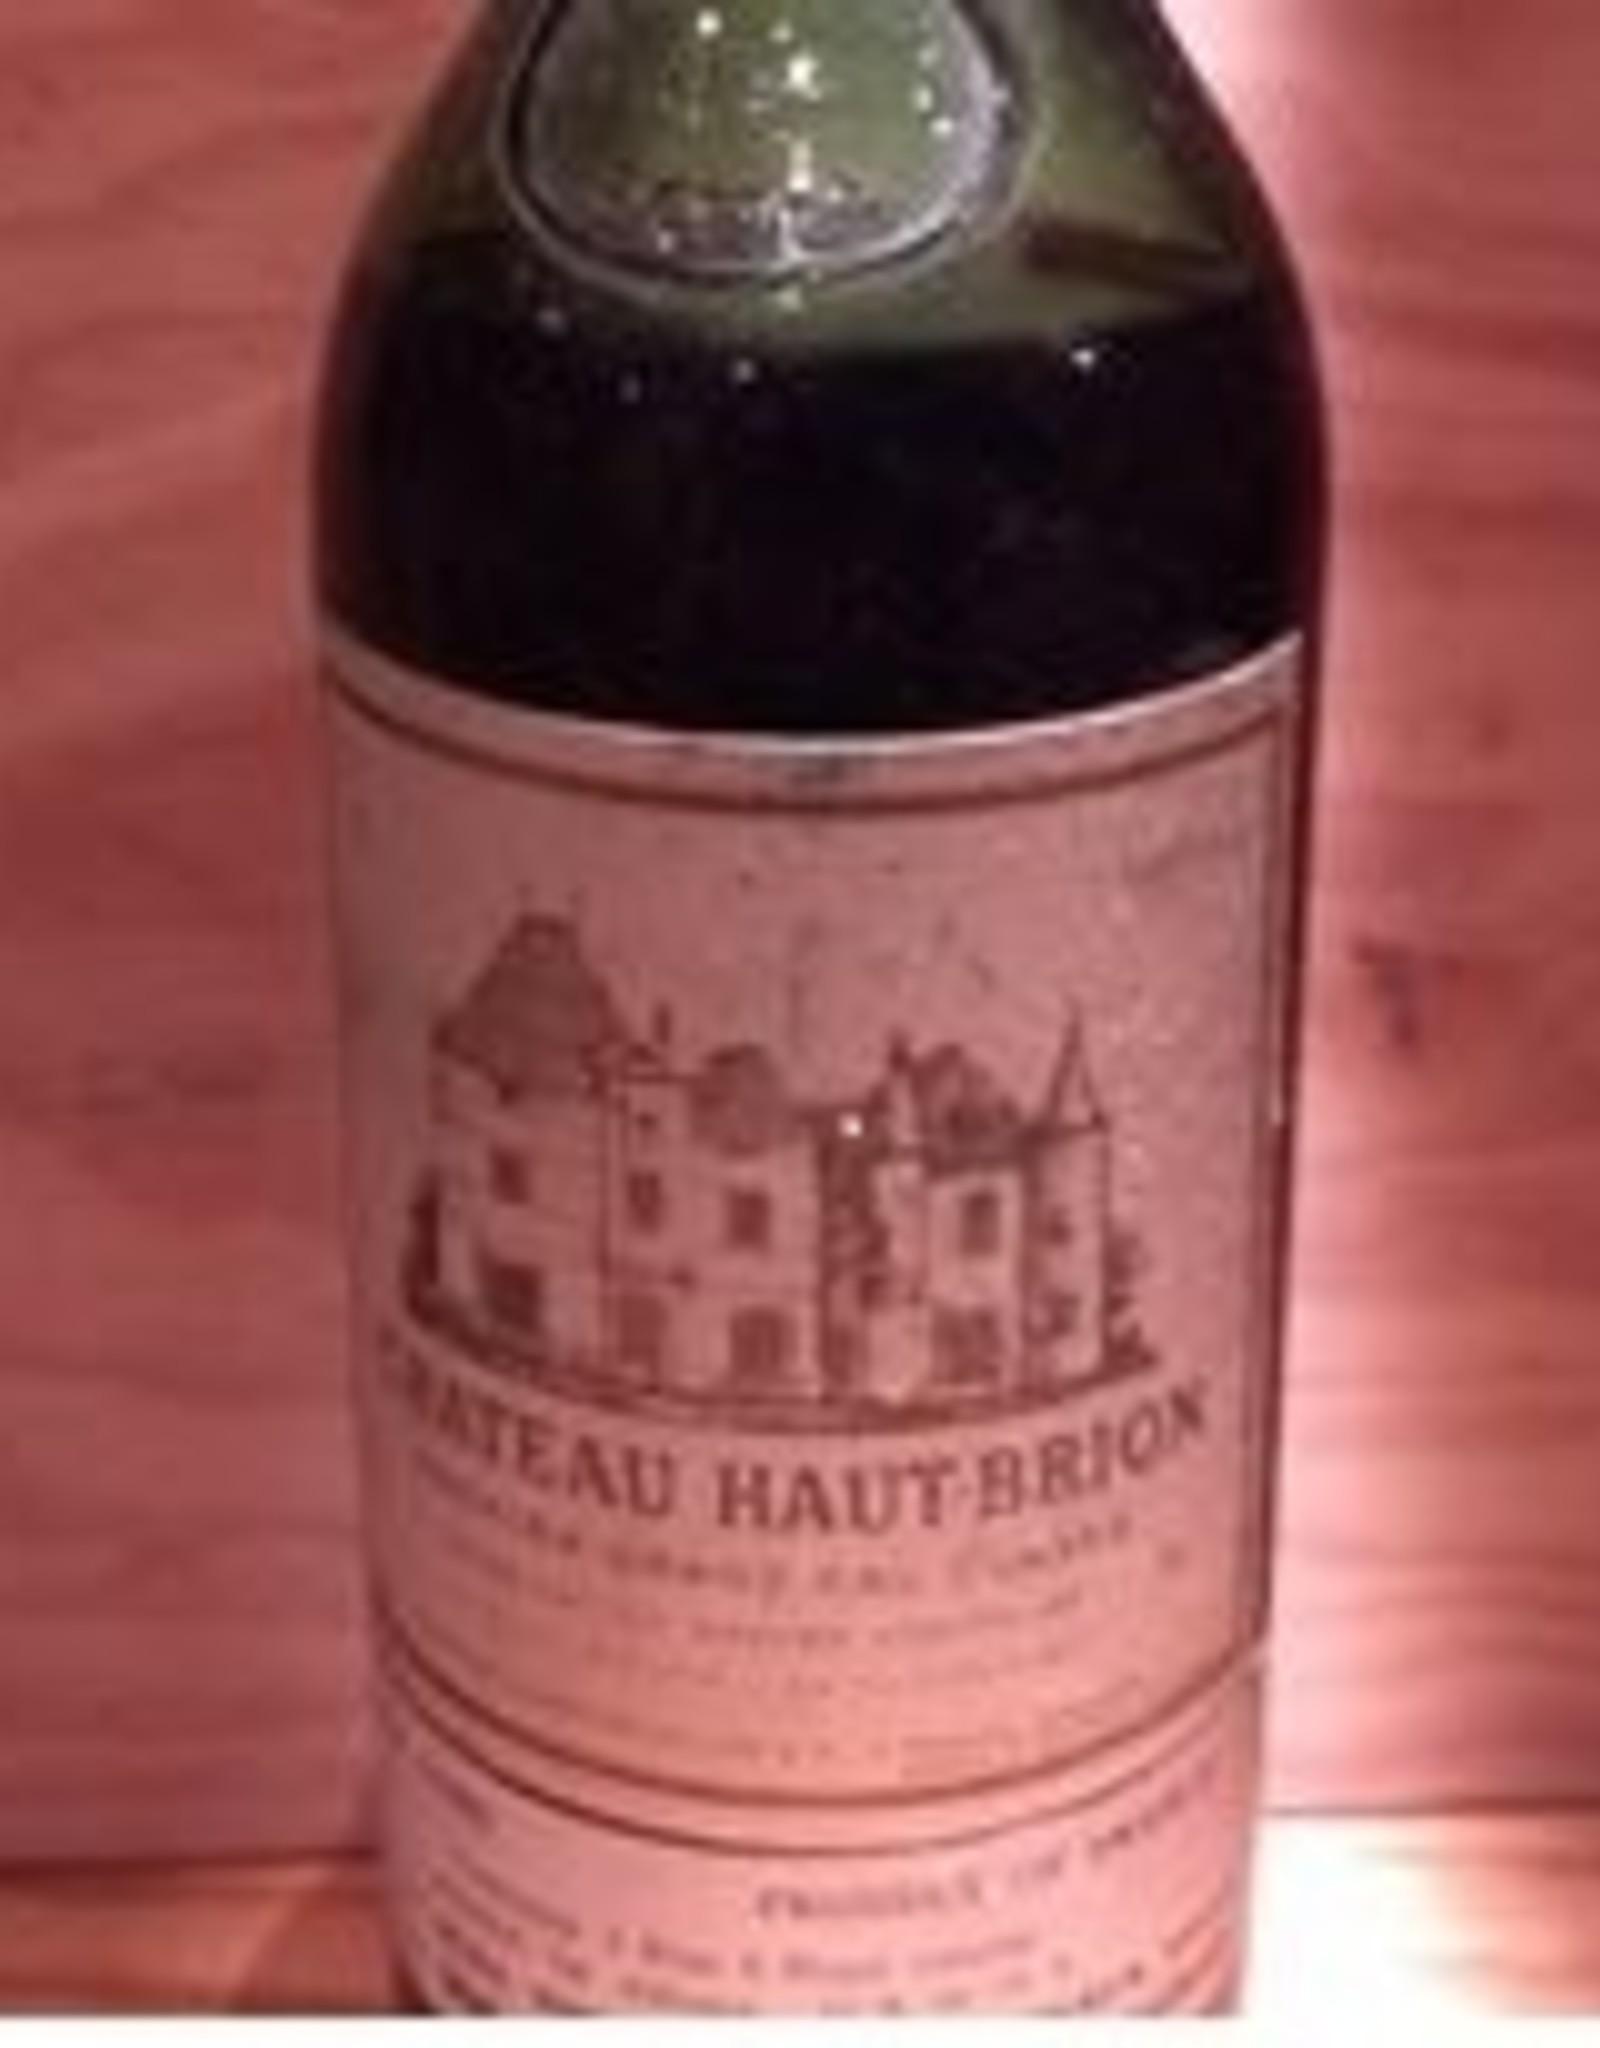 Chateau Ch Haut Brion 1961